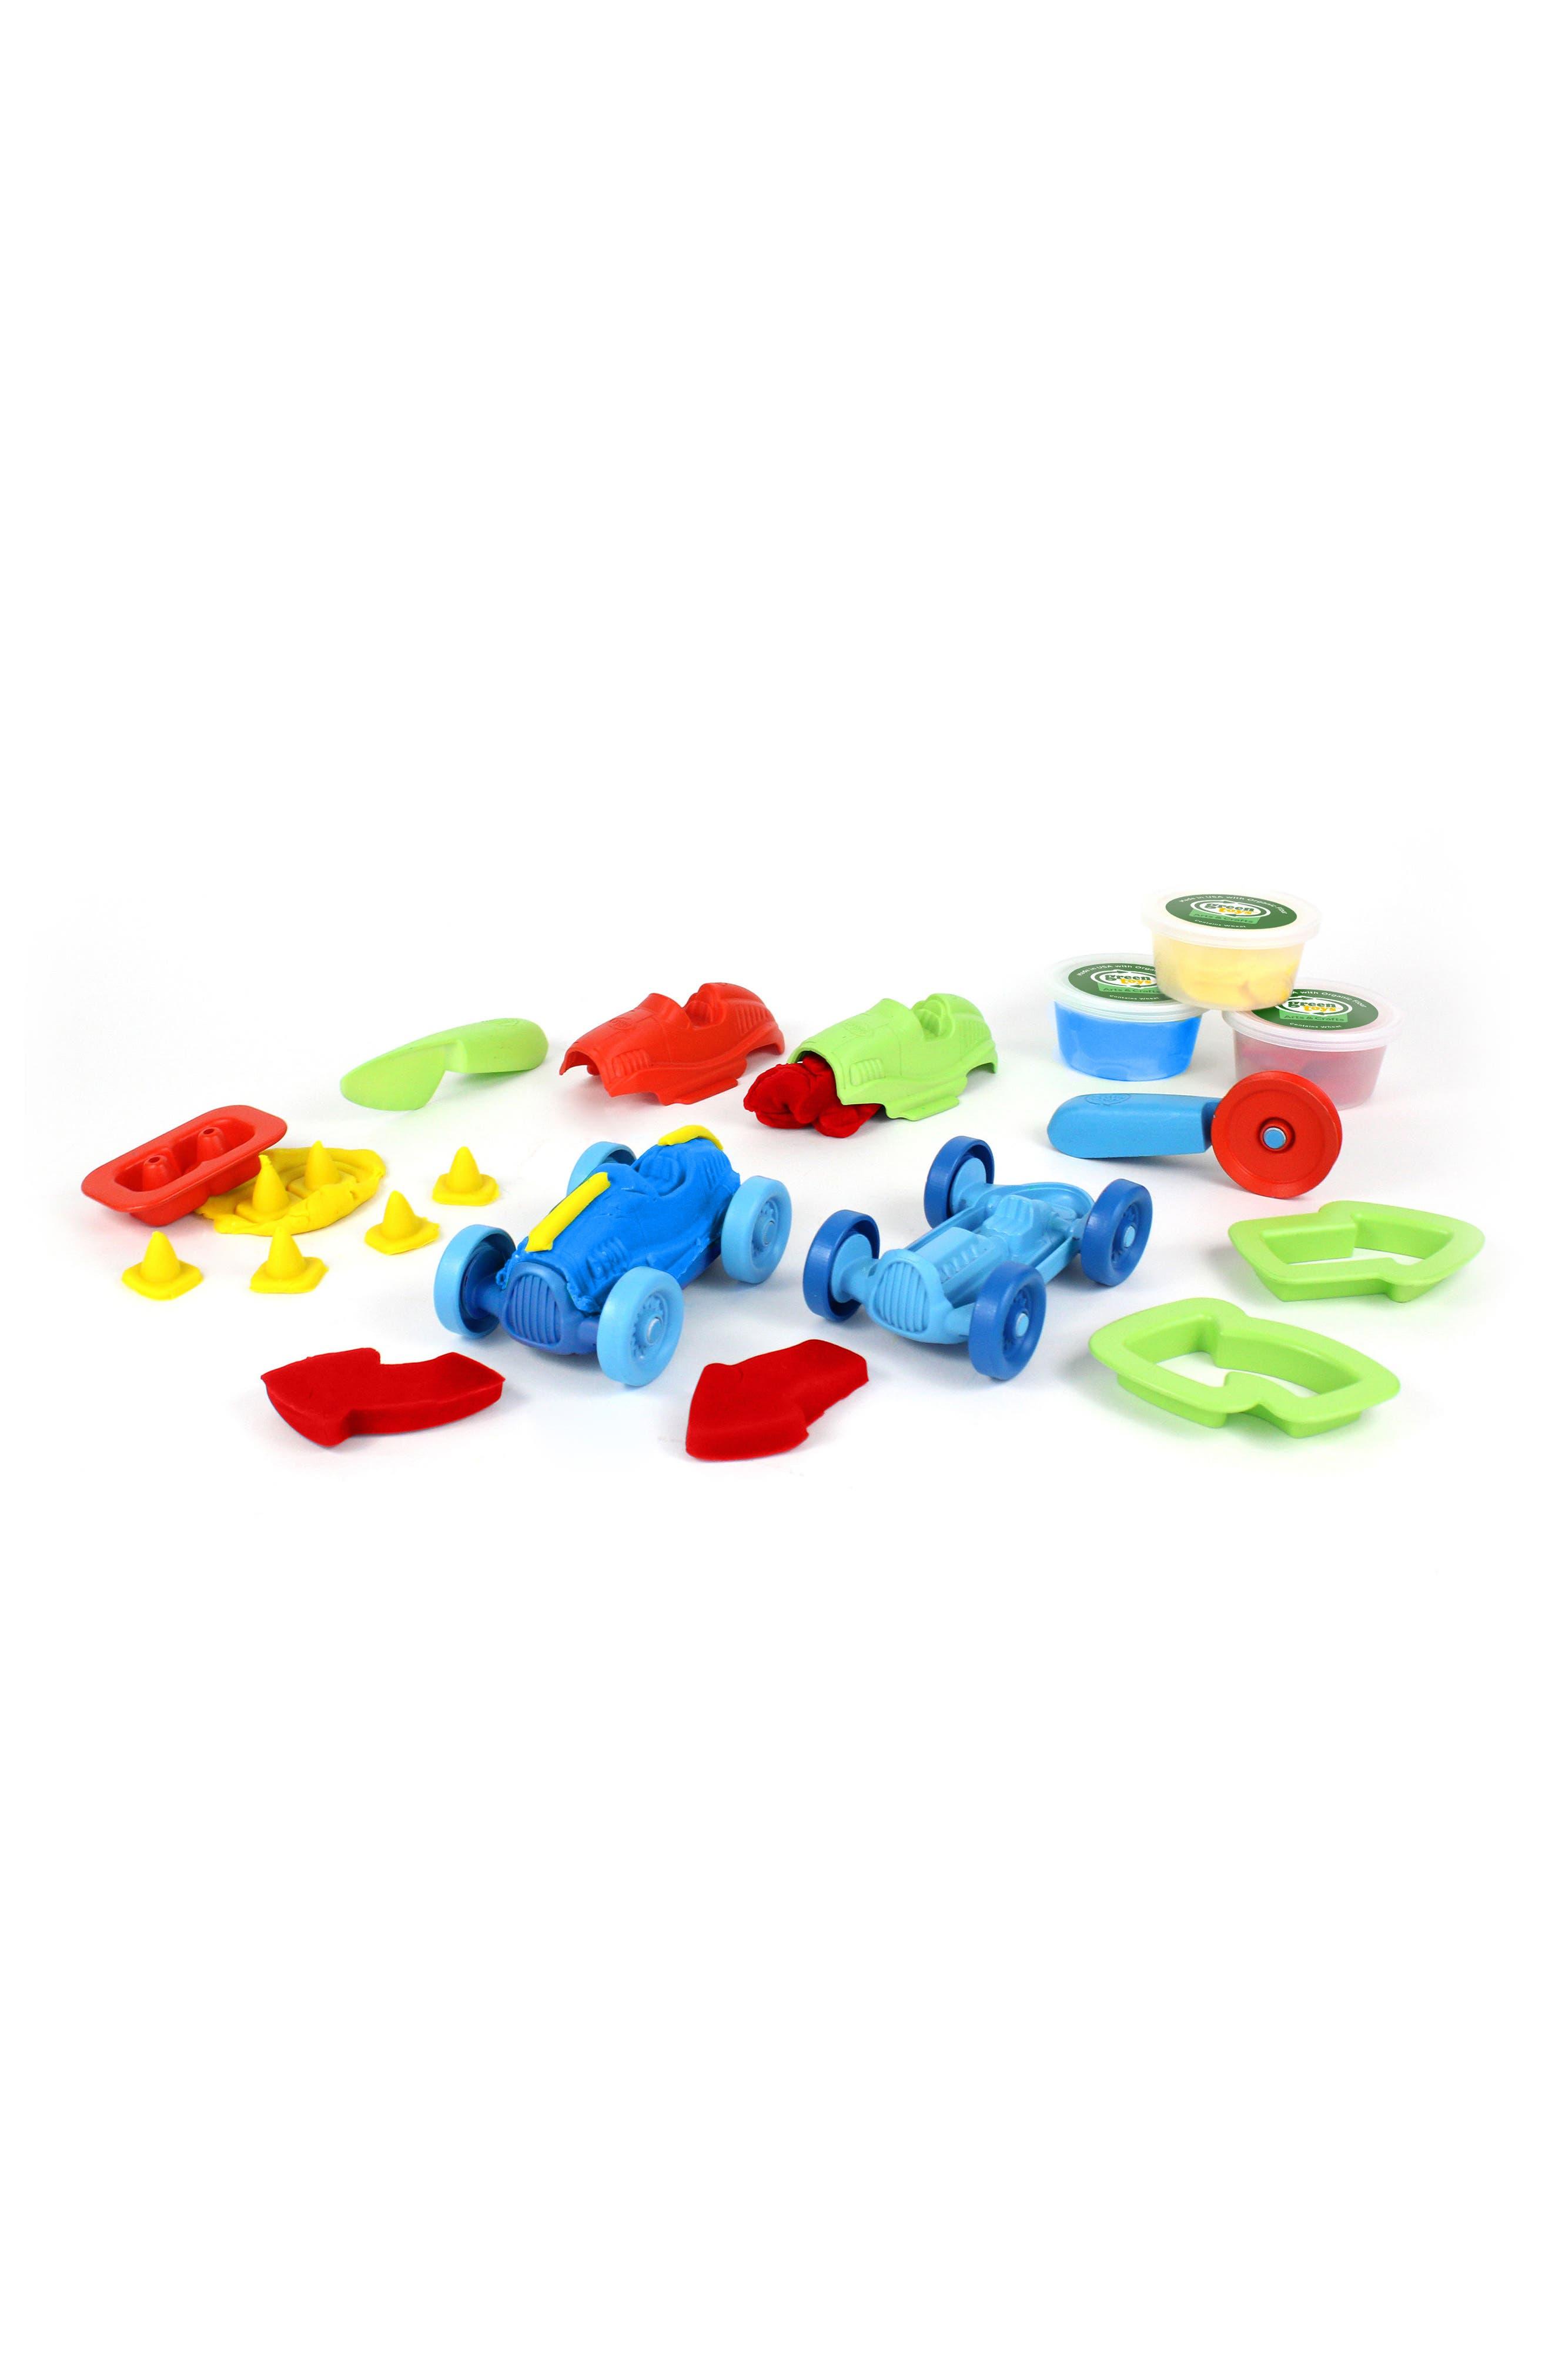 12-Piece Plastic Racecar Maker Dough Set,                             Main thumbnail 1, color,                             400